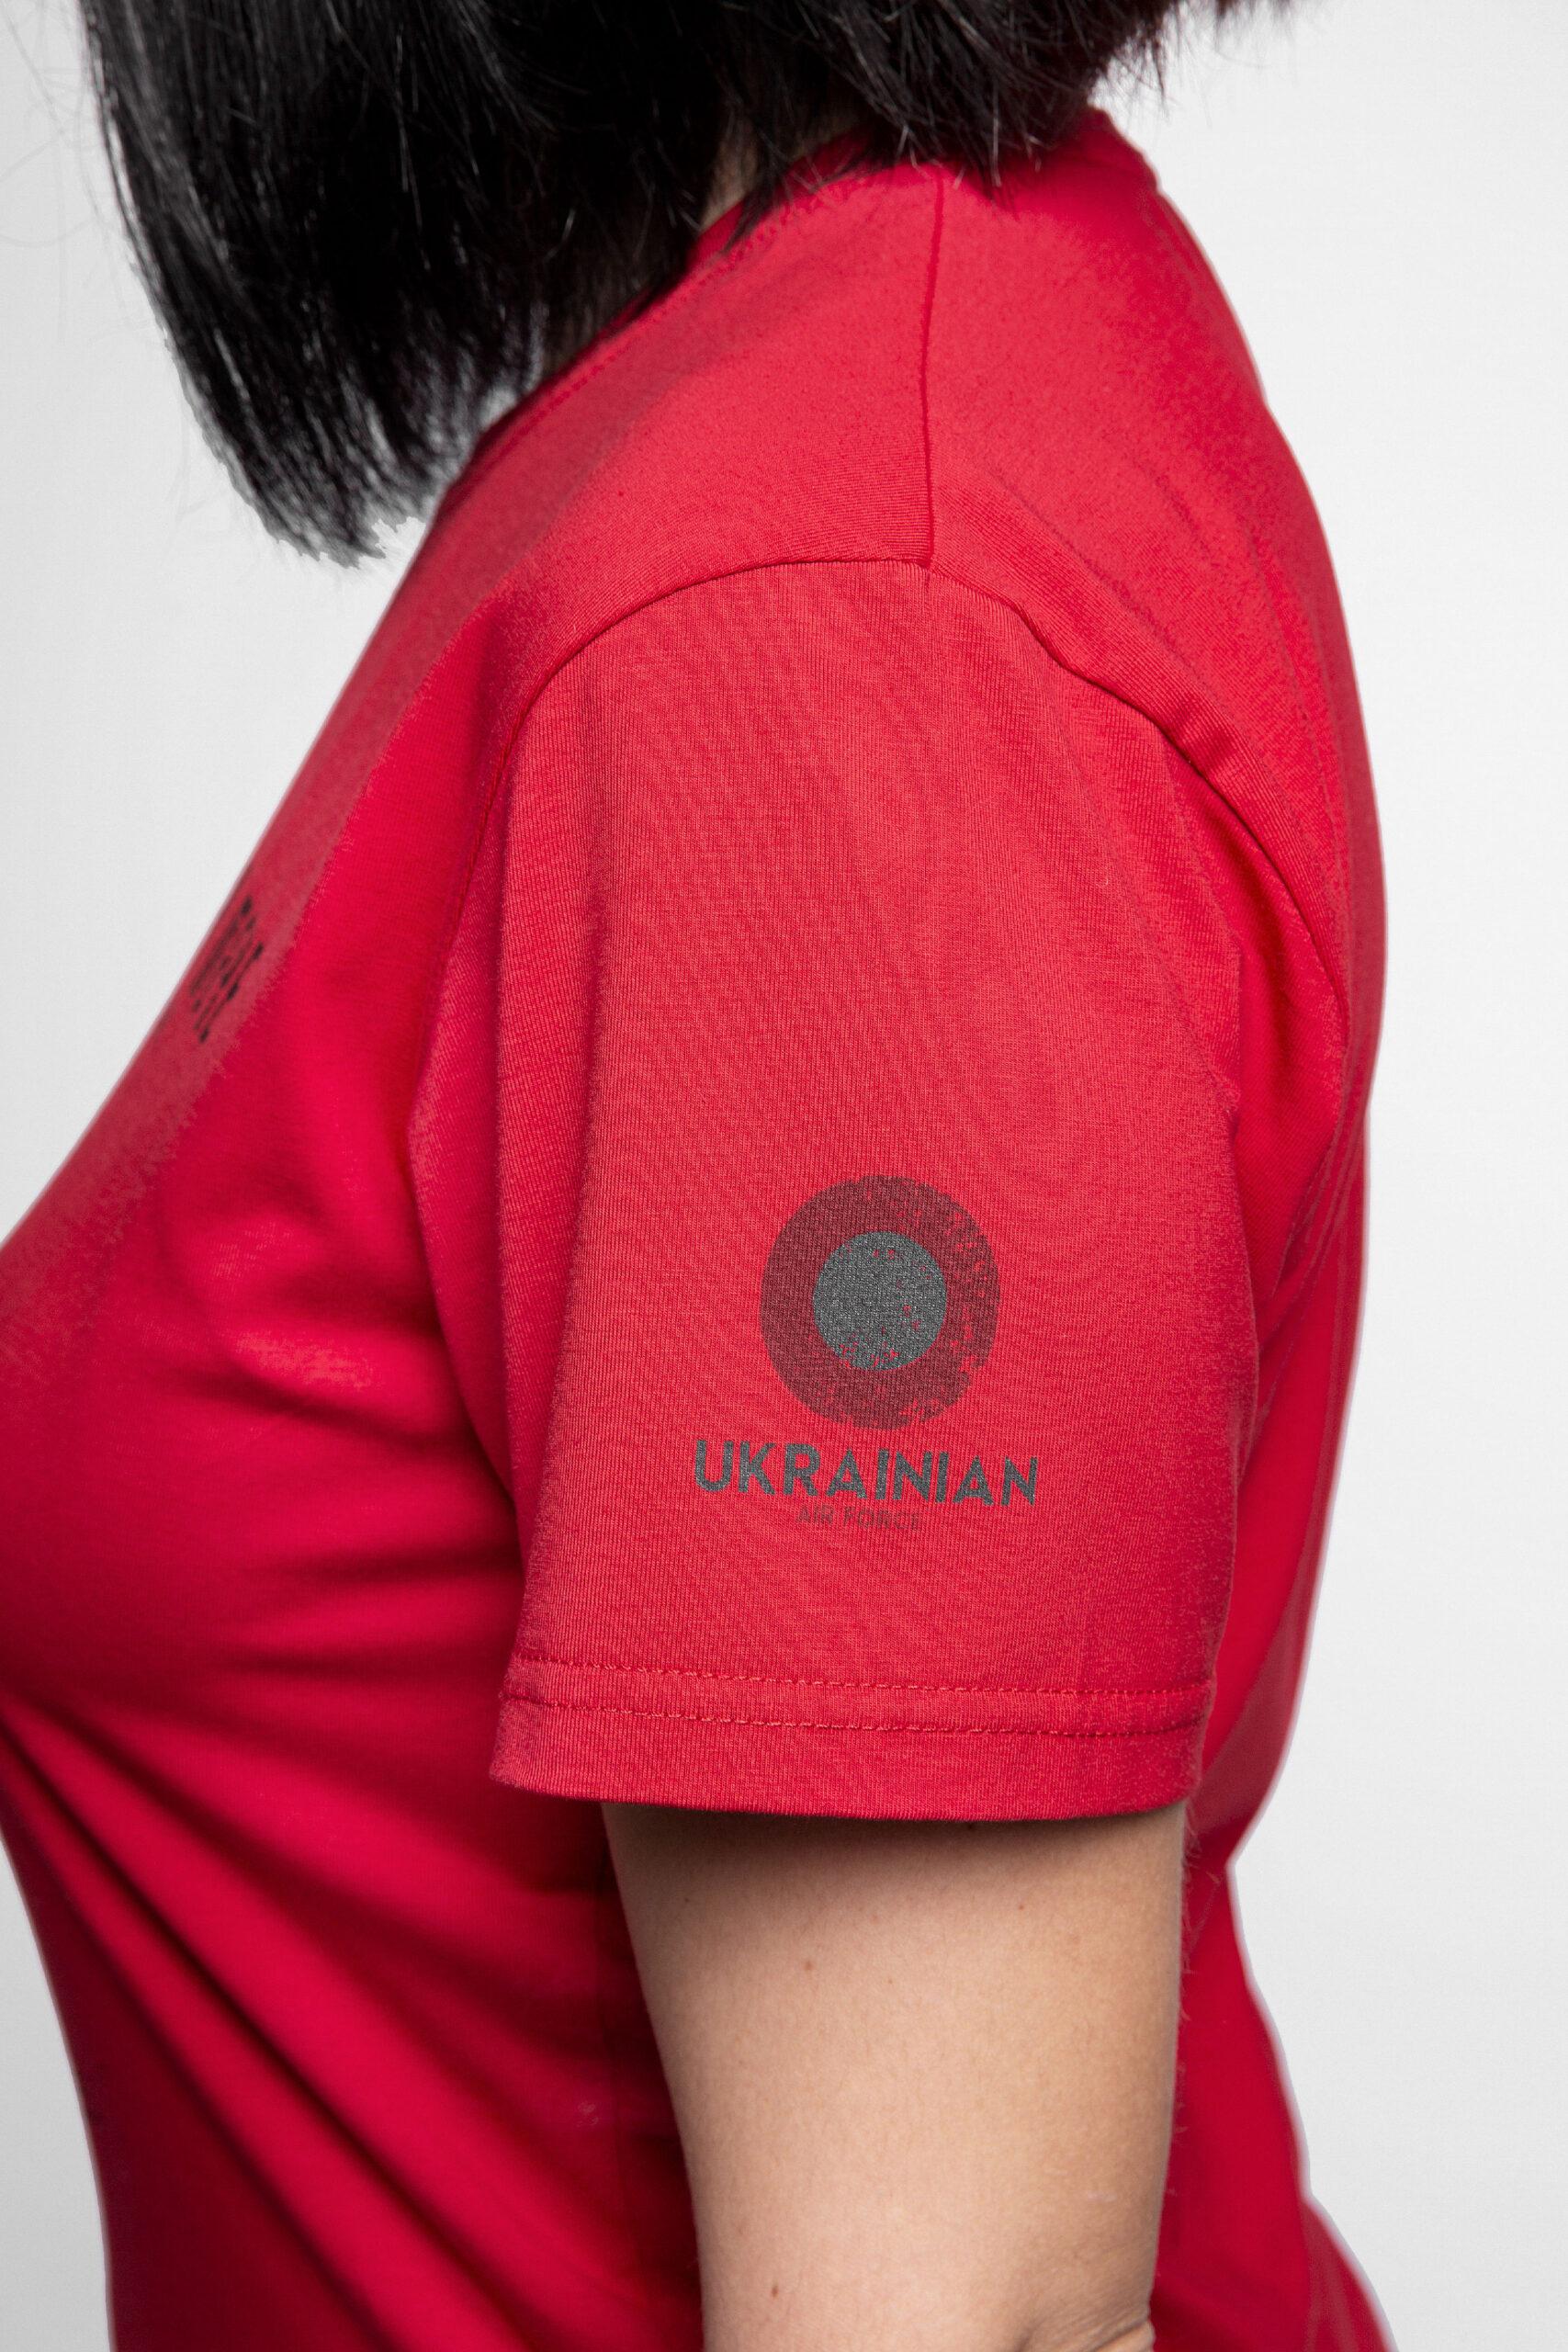 Вогонь Запеклих 2.0. Колір червоний.  На жіночій фігурі футболка виглядає просто чудово!  Матеріал: 95% бавовна, 5% спандекс.